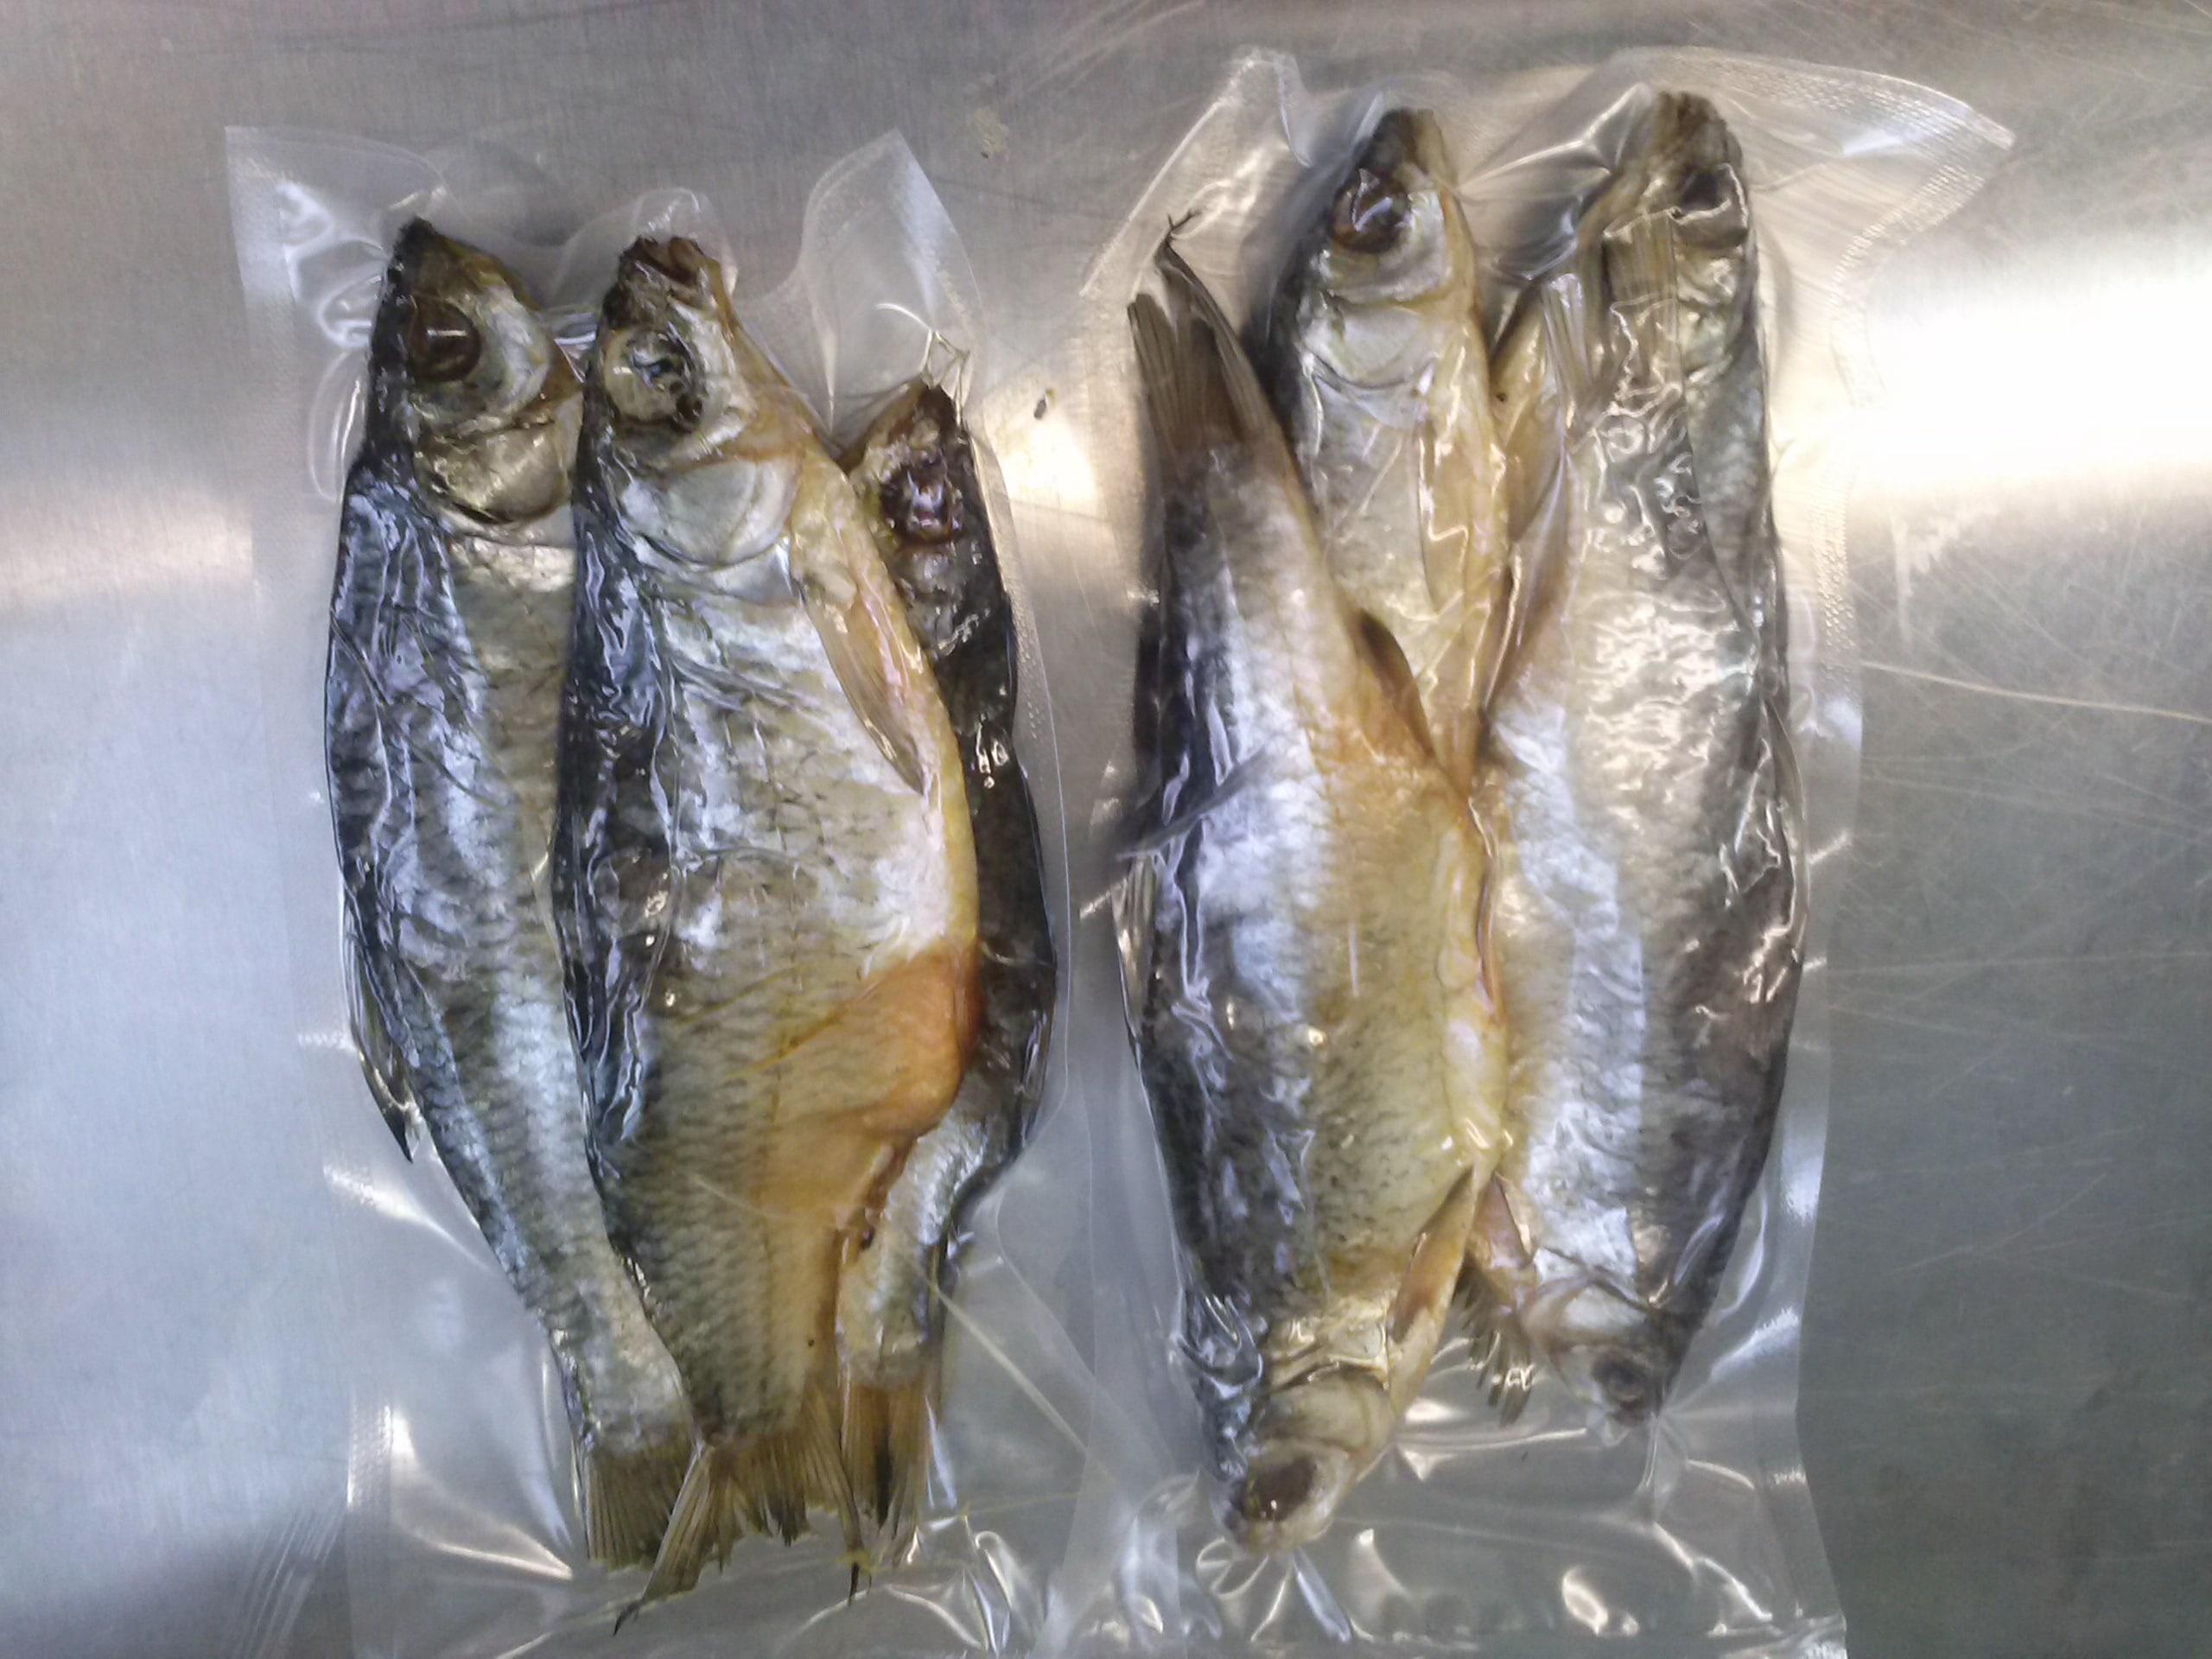 Вяленая рыба в вакуумном пакете